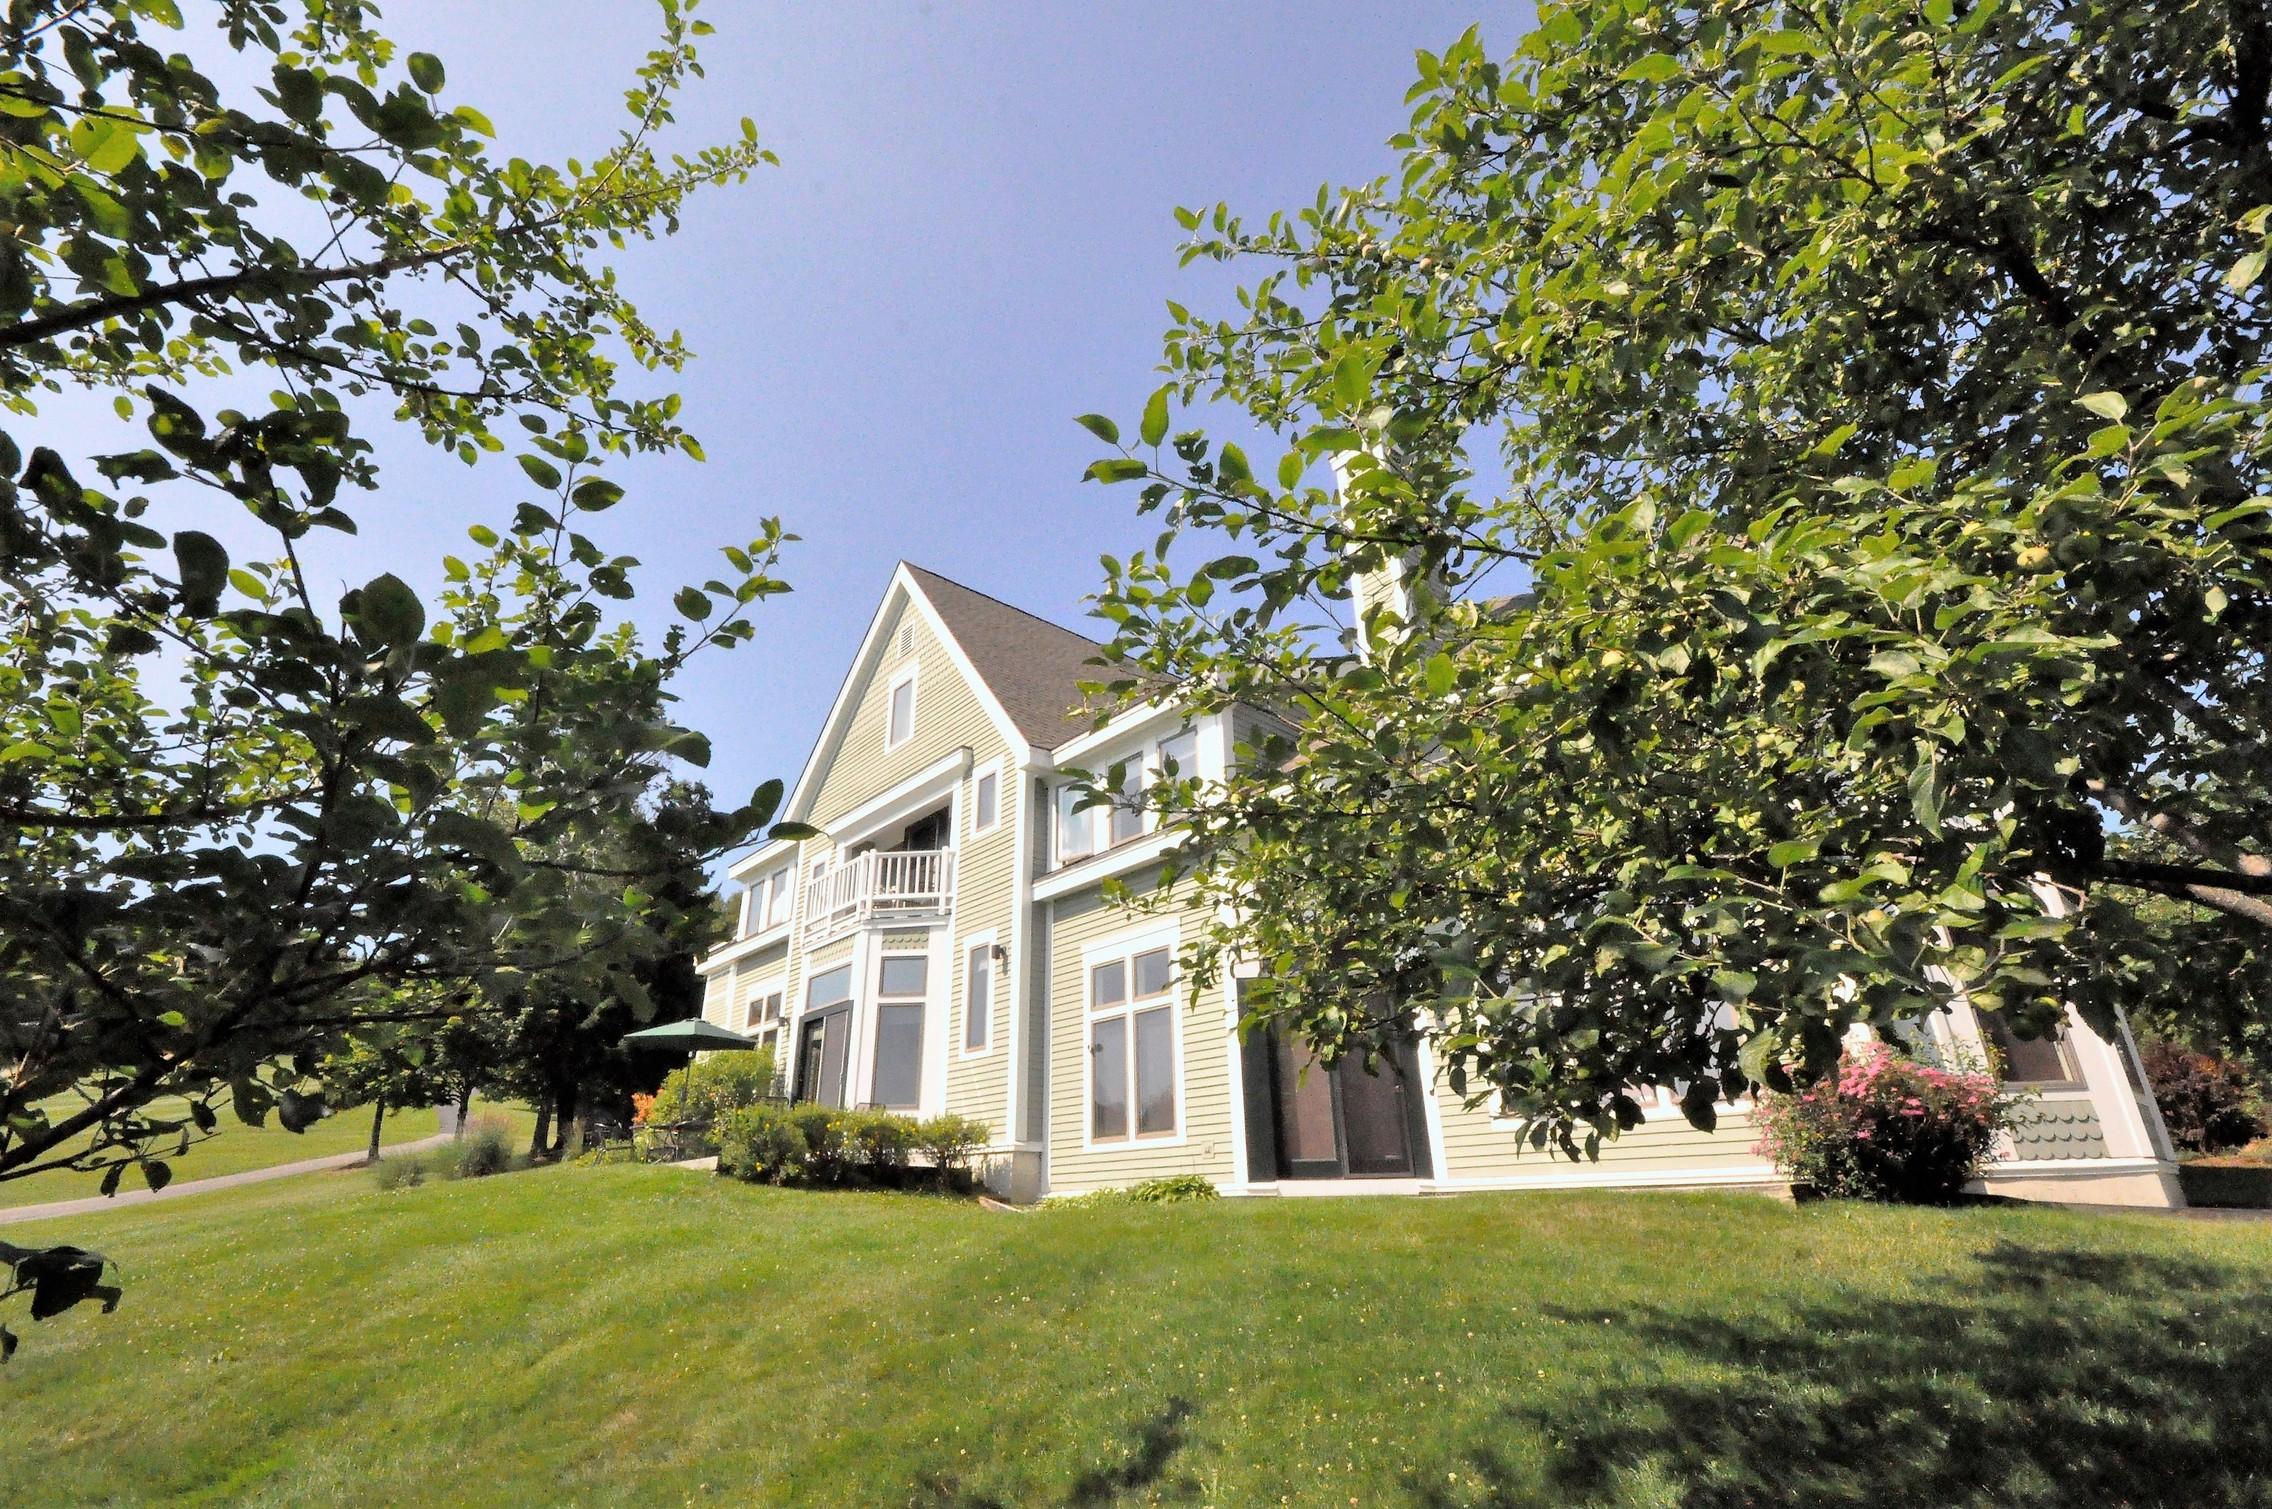 共管物業 為 出售 在 Gorgeous Townhouse 191 Mann Rd 7 Wilmington, 佛蒙特州, 05363 美國